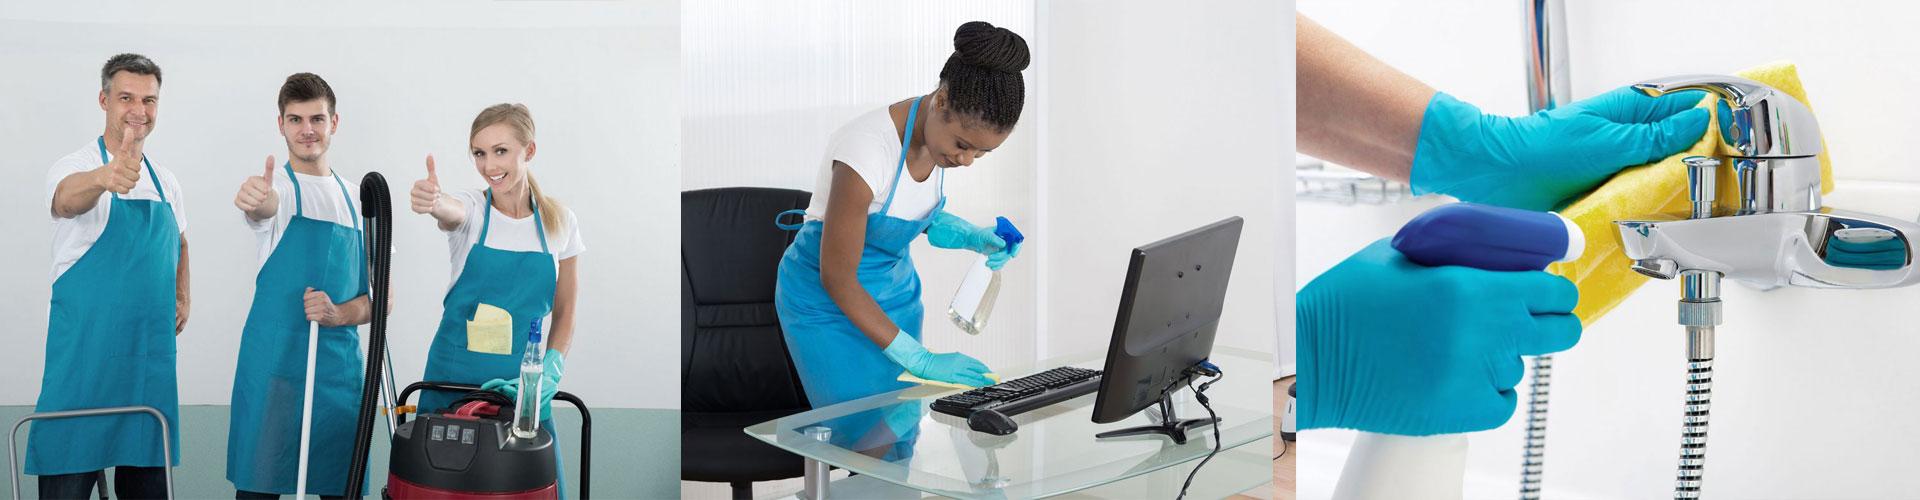 SMC-SERVICES-votre-spécialiste-de-la-propreté-en-Île-de-France